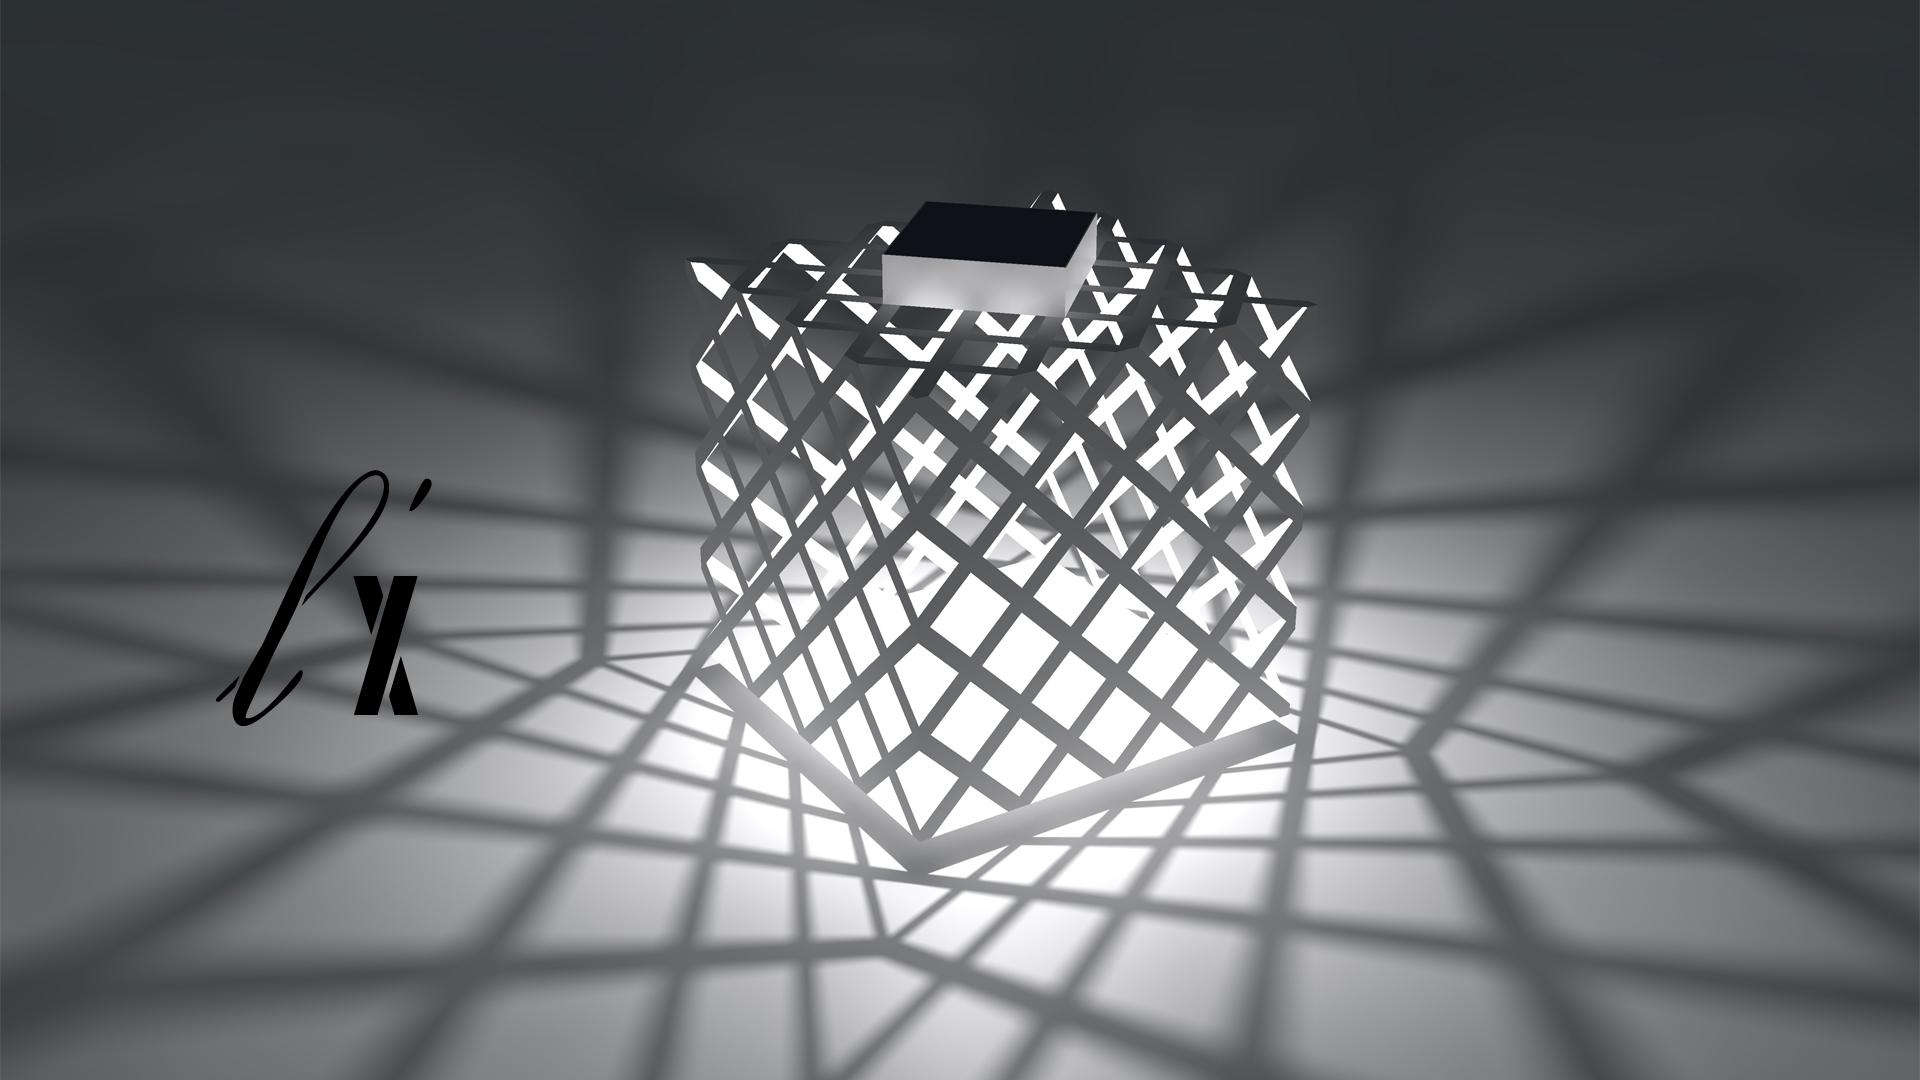 lampe autonome - lampe solaire 05